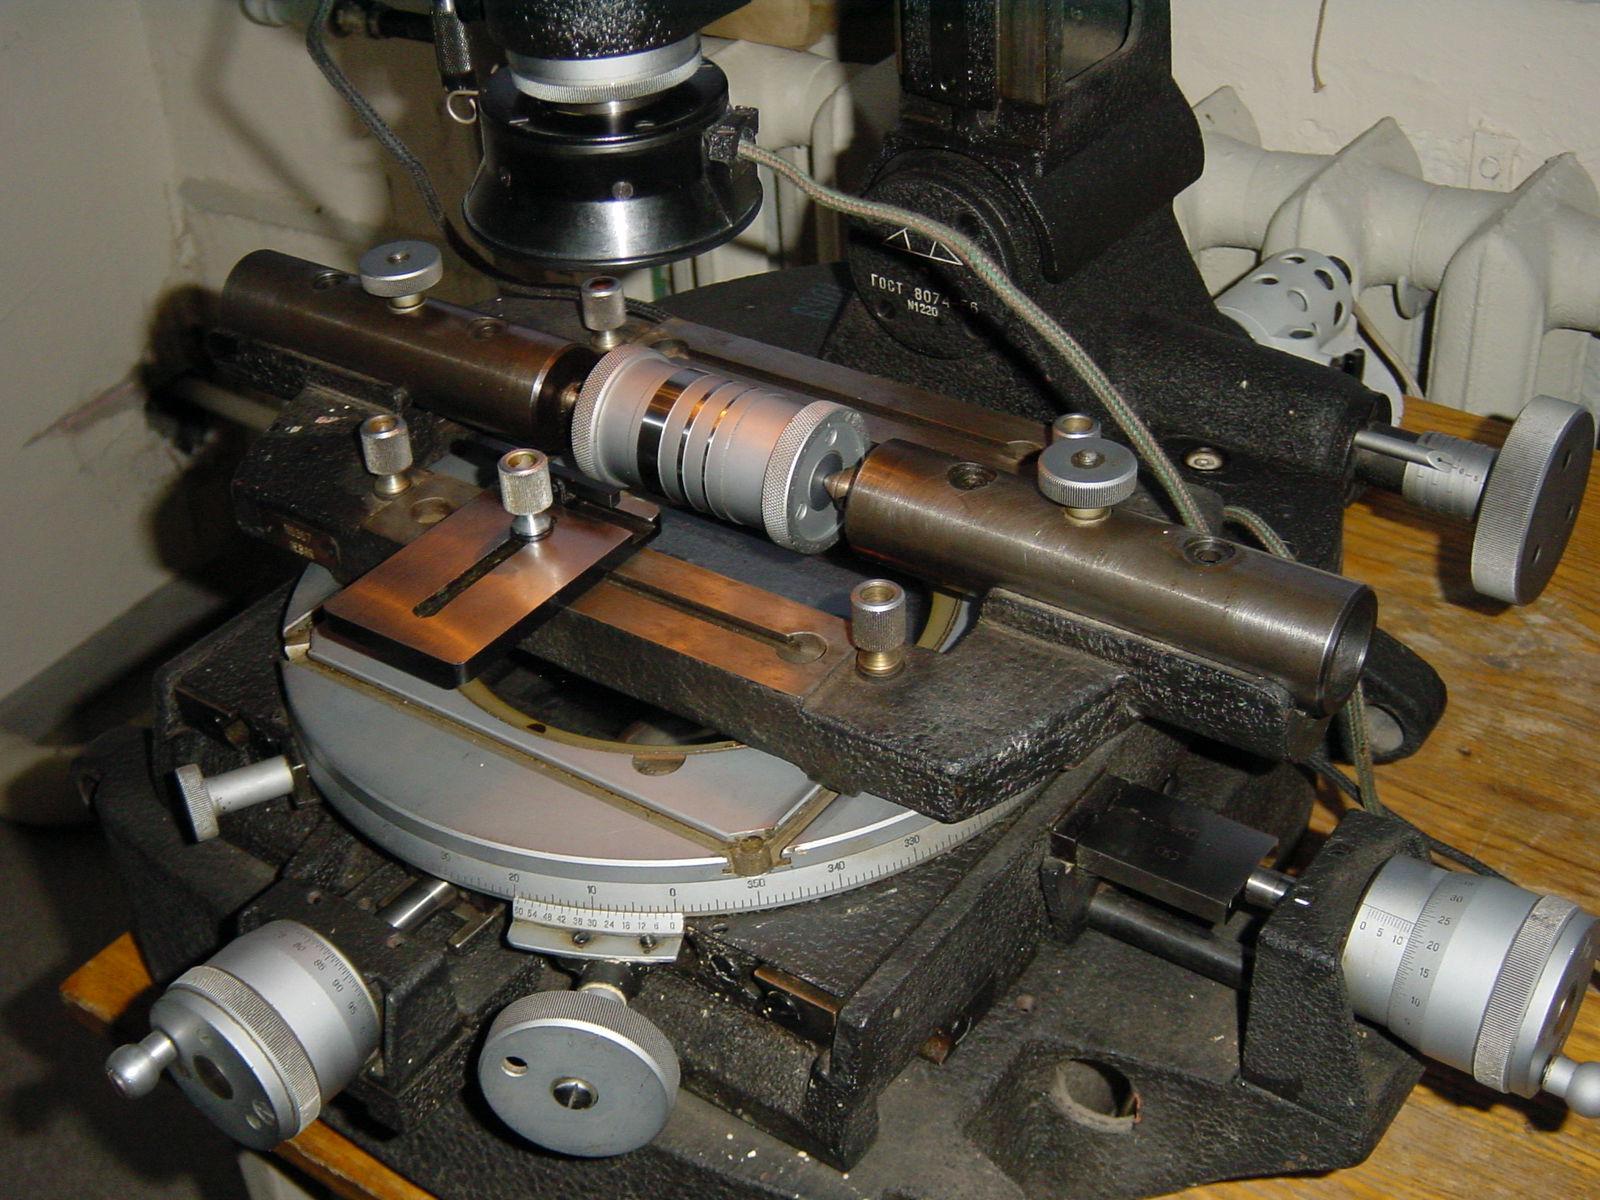 Малые центра микроскопа БМИ-1